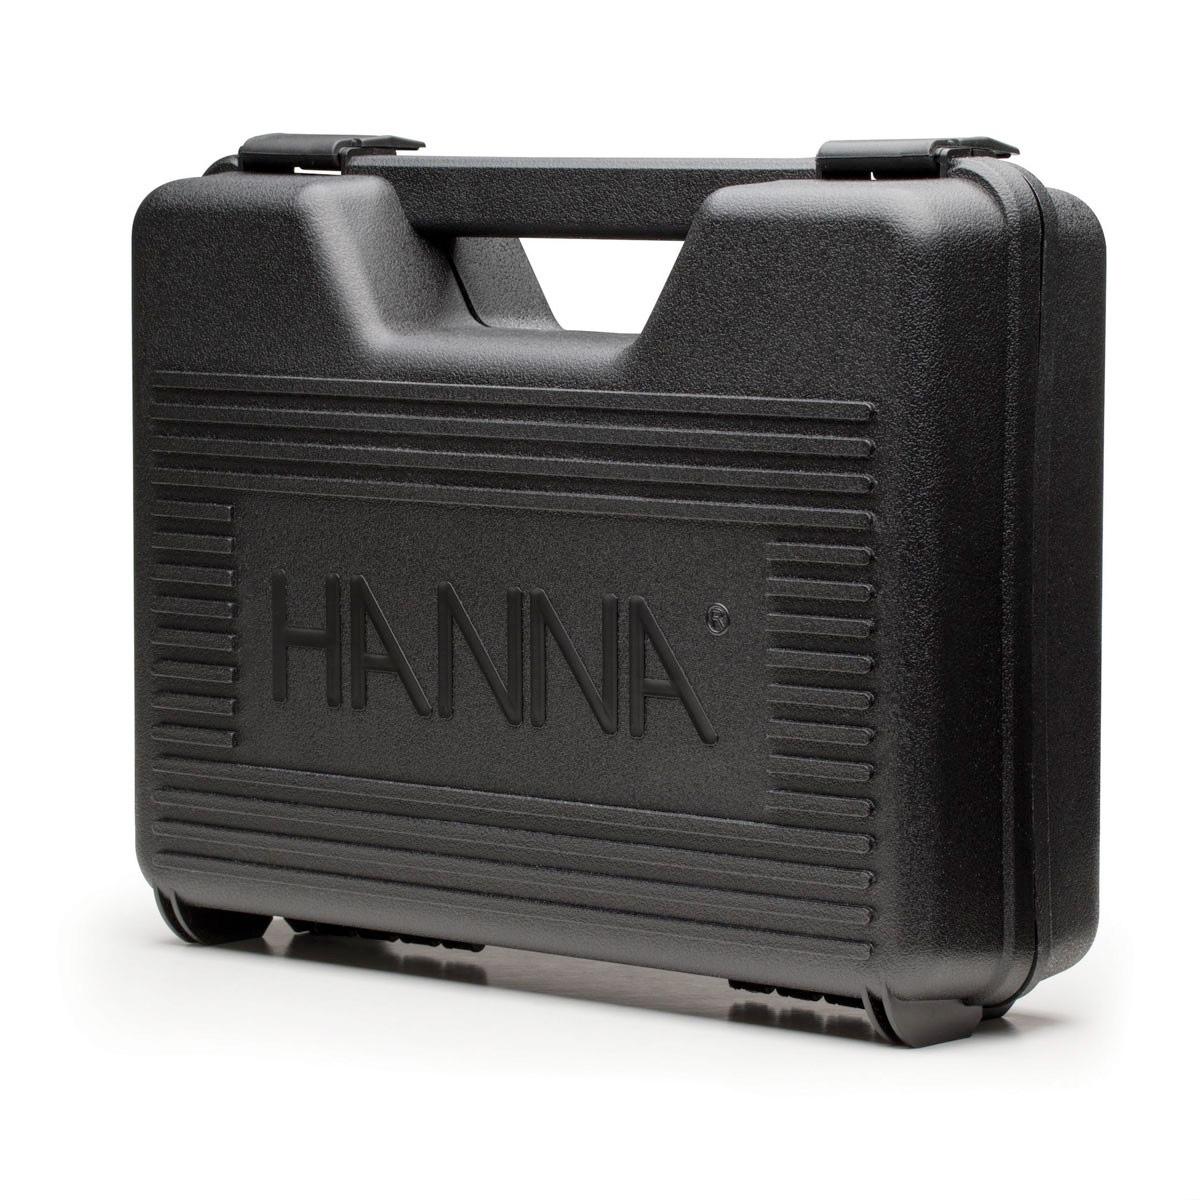 HI99 Series Box